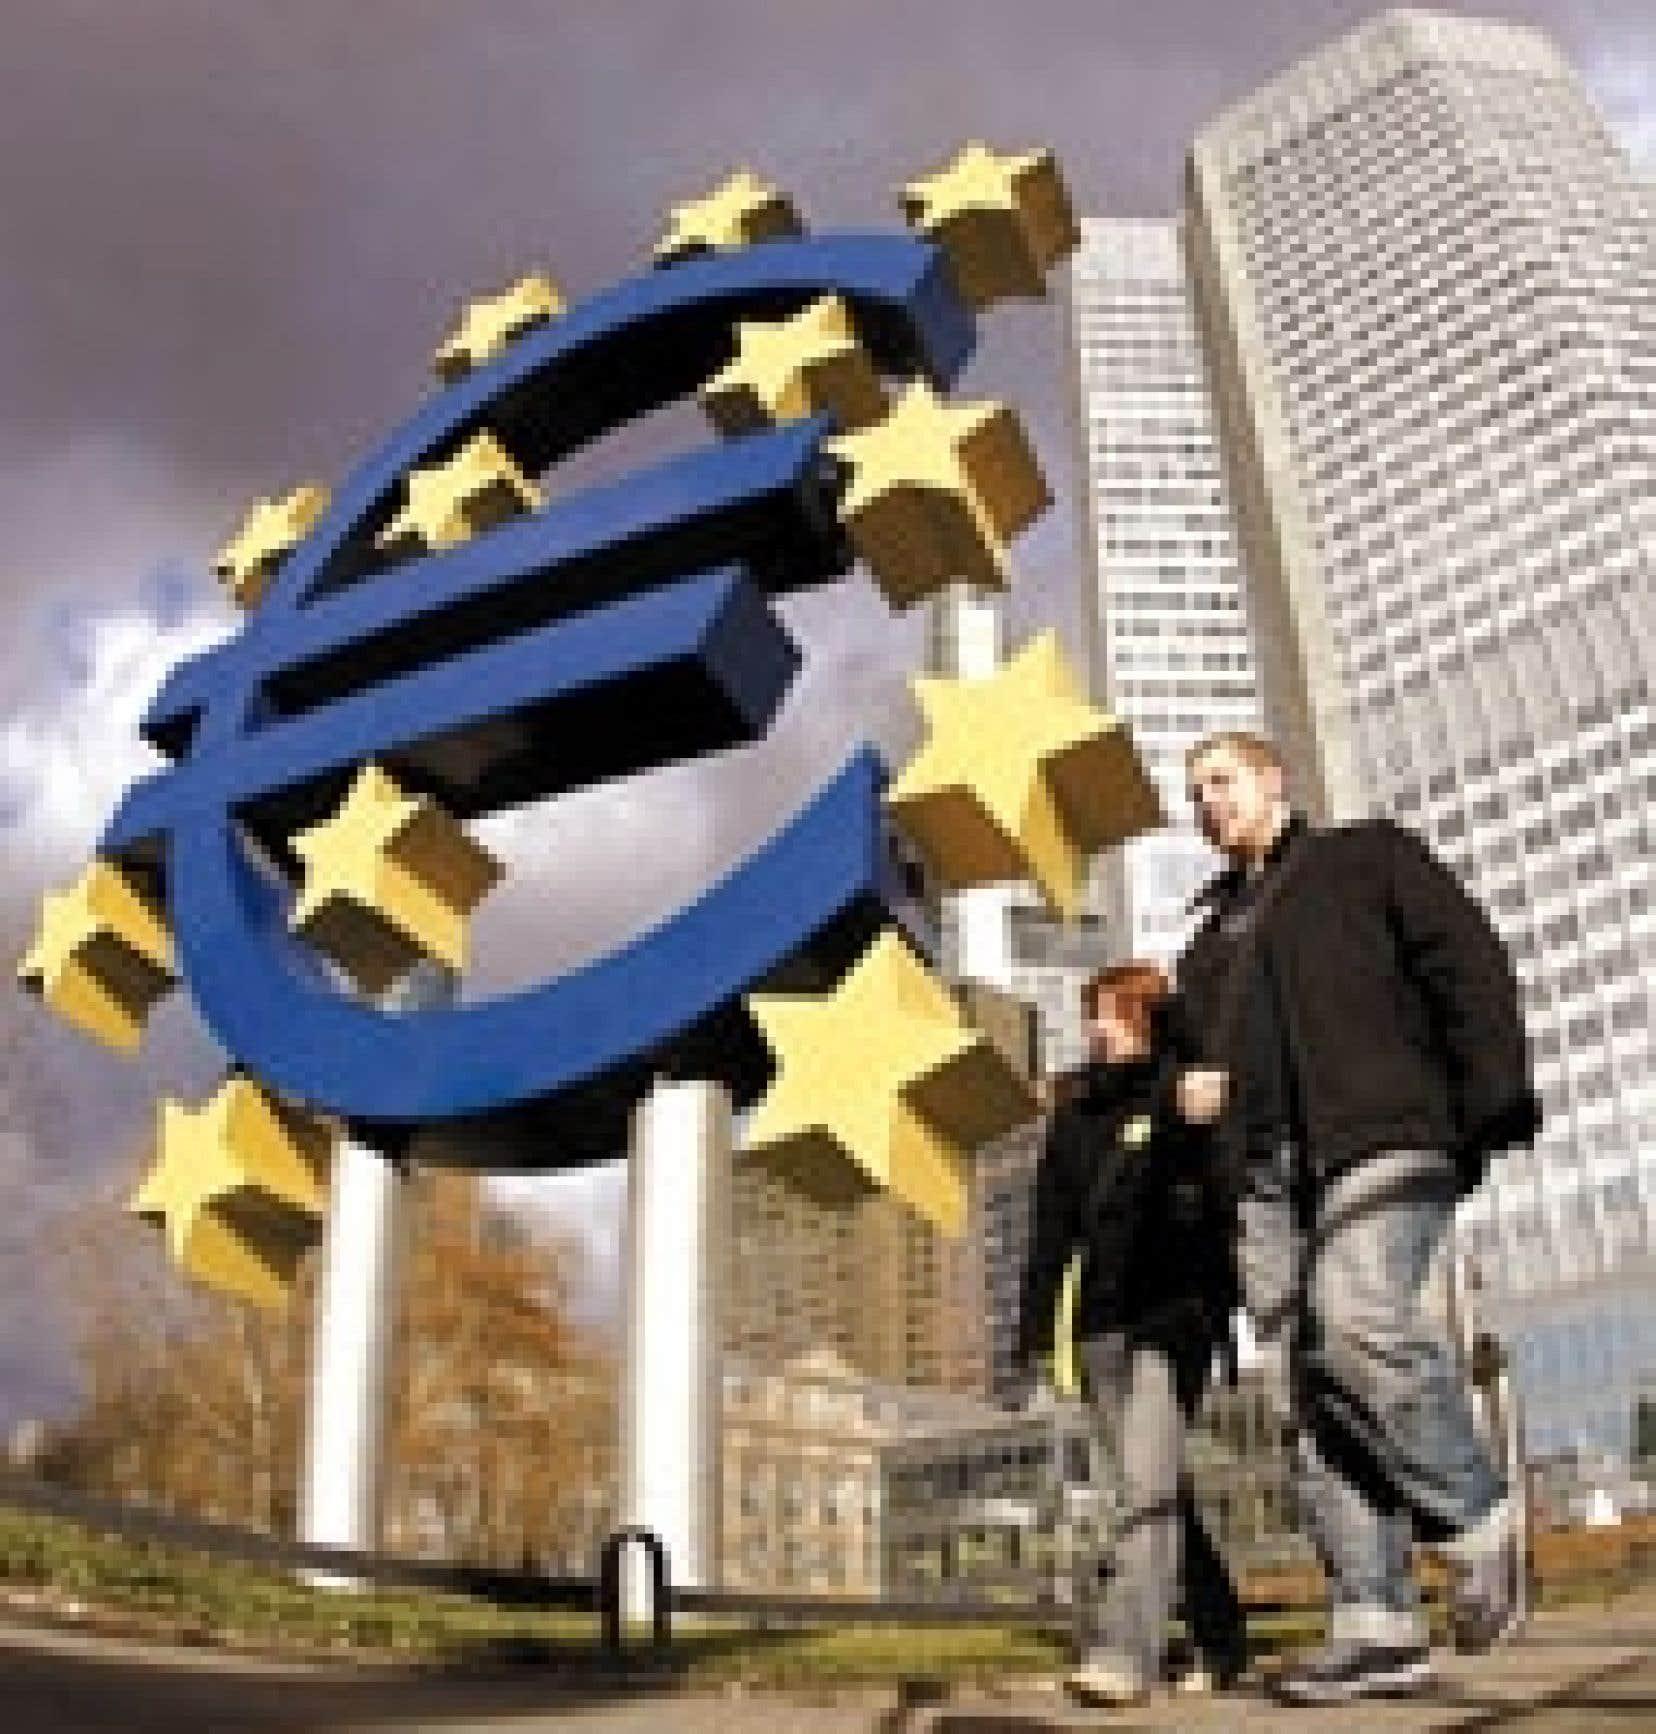 L'euro est la cible de toutes les attaques depuis les résultats référendaires de Paris et des Pays-Bas.